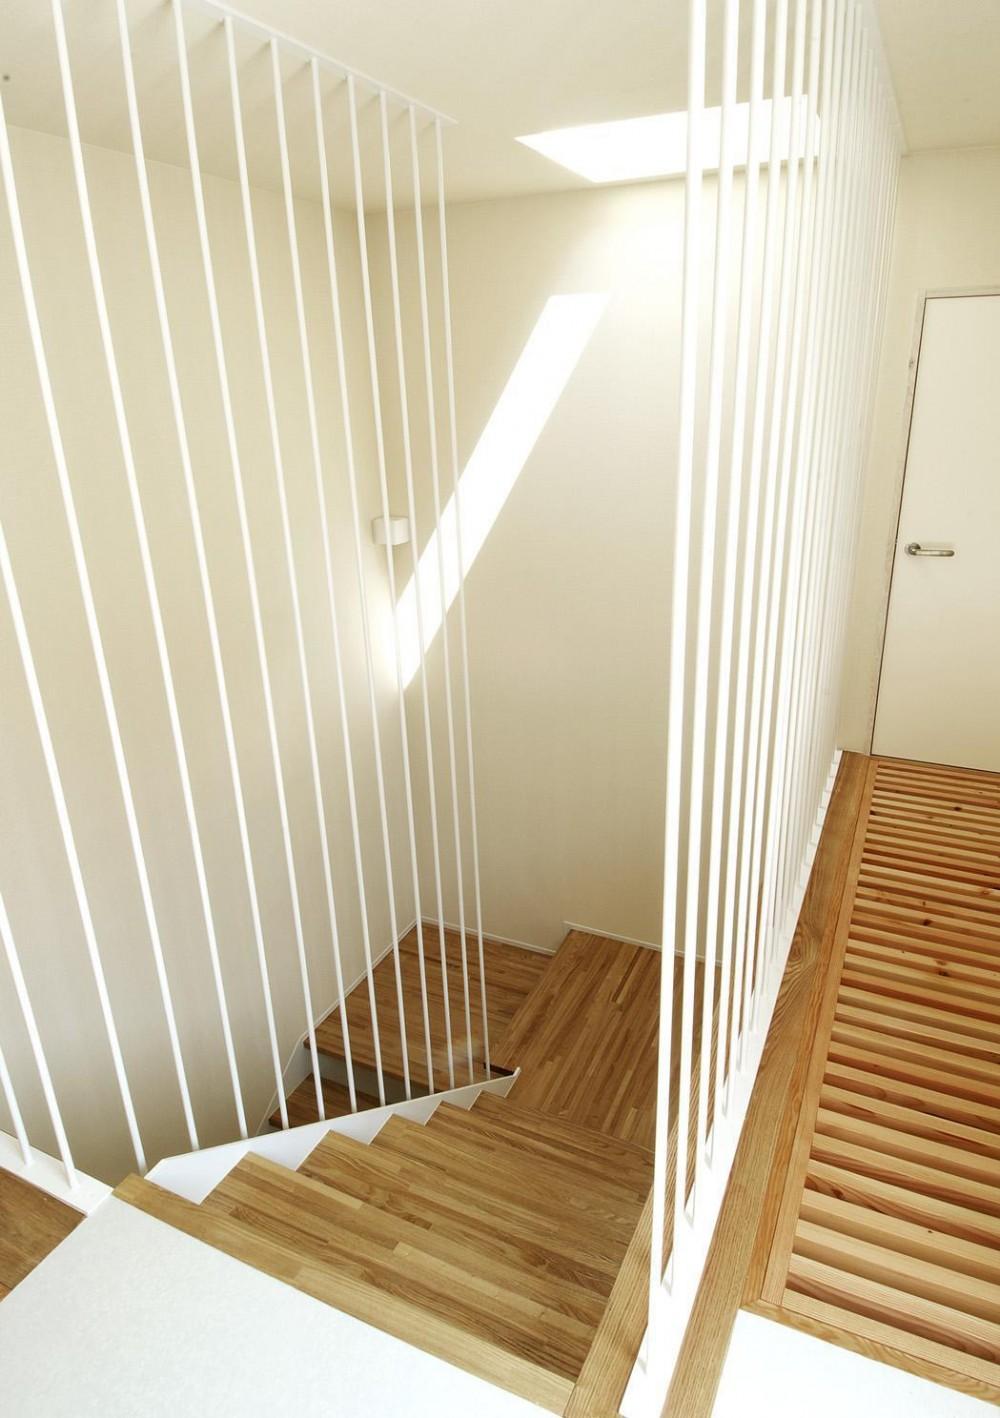 間之町の家#子供のお友達がたくさん呼べる家 (明るい階段)